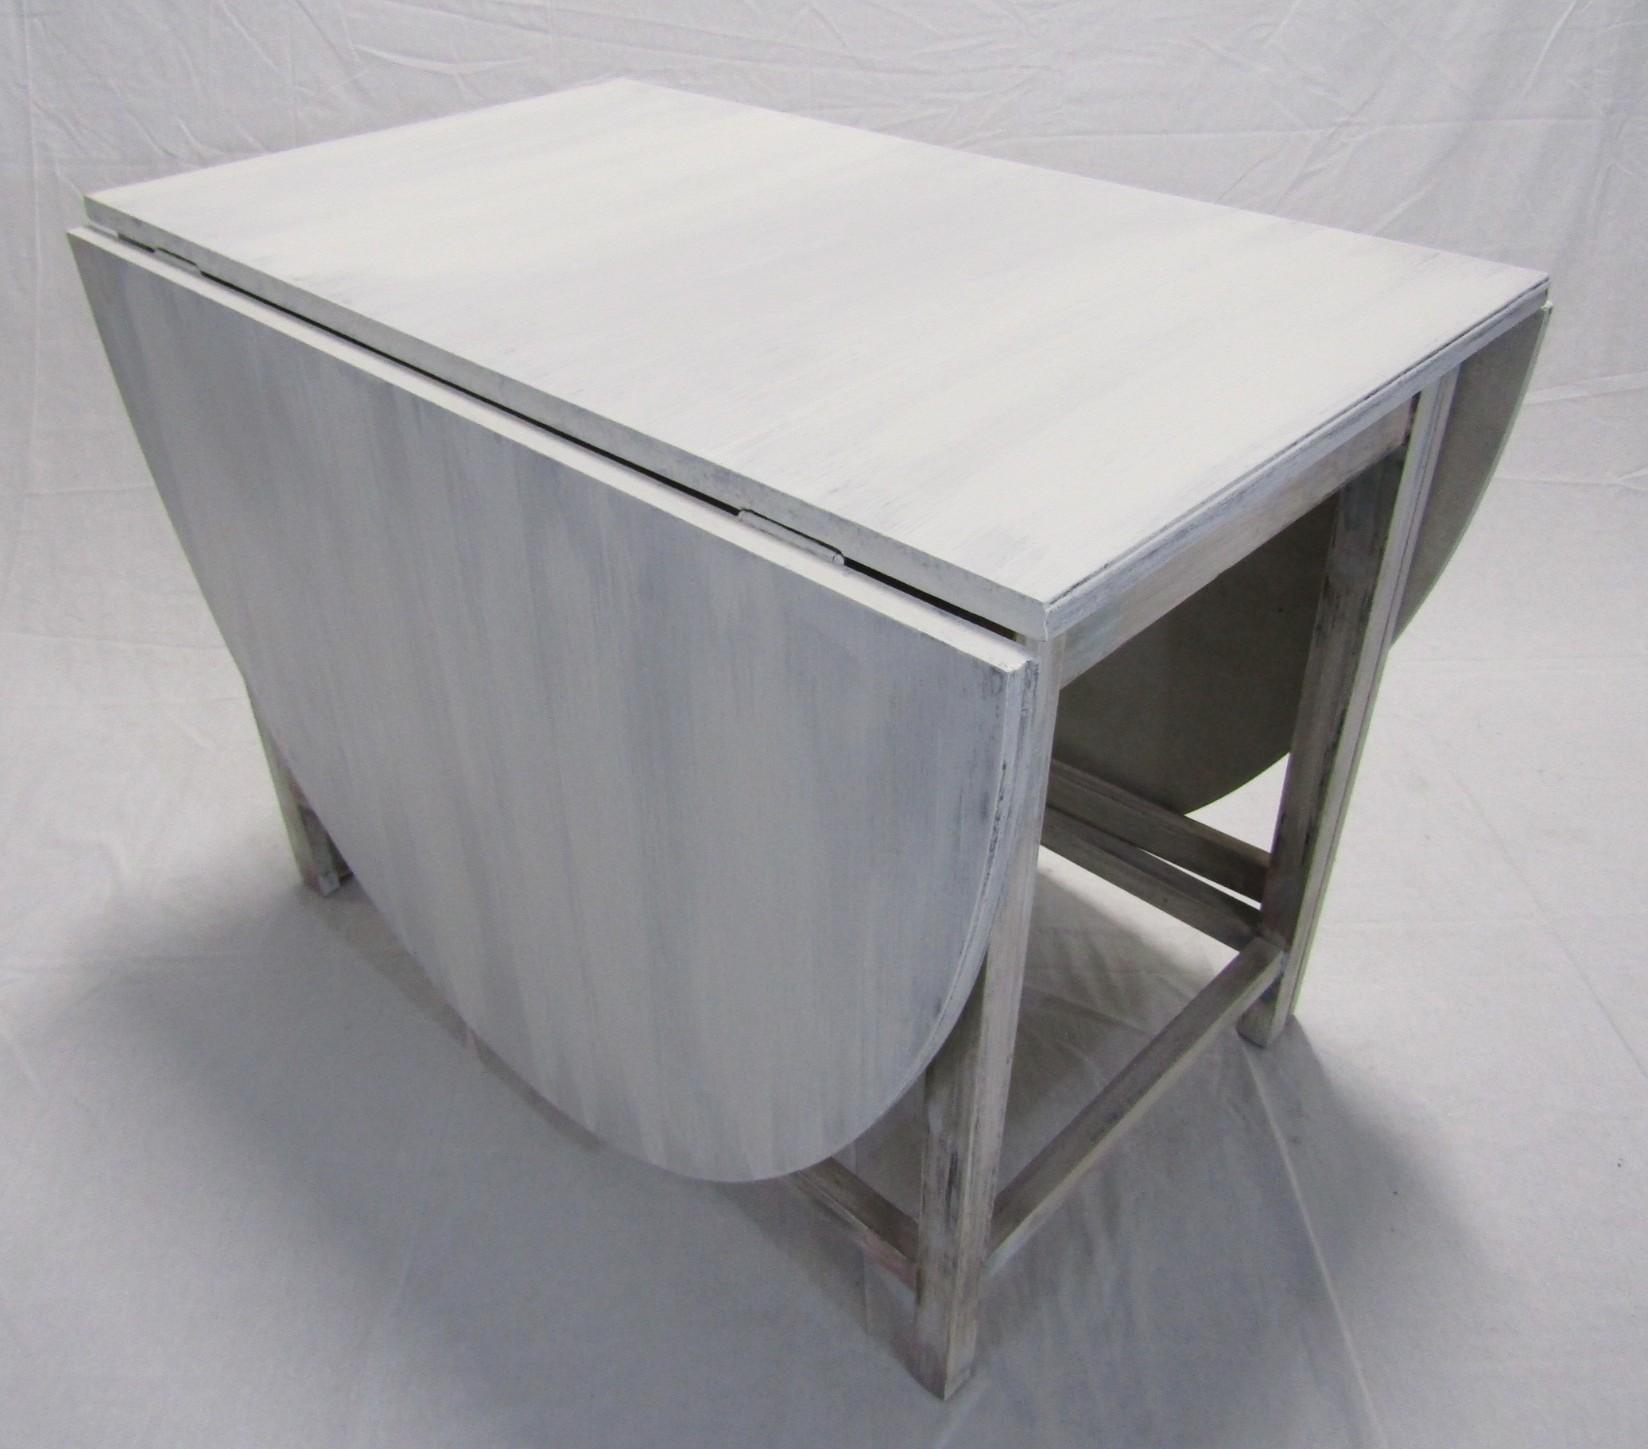 Återbrukade möbler sparar både klimat och pengar